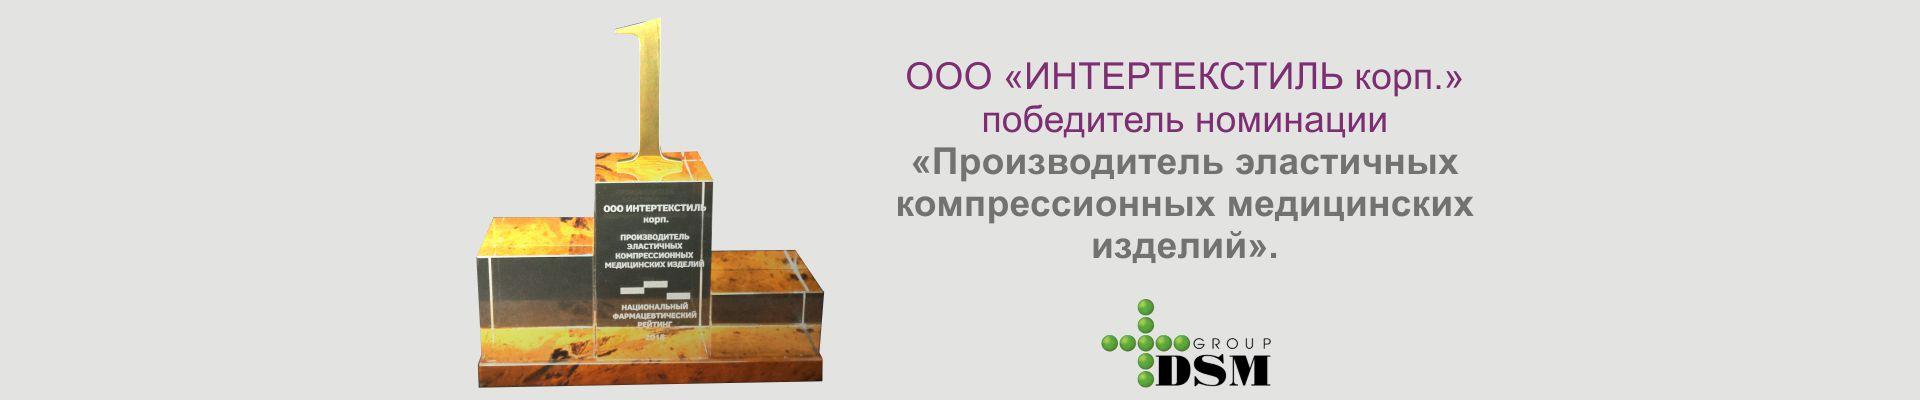 Производитель компрессионных медицинских изделий №1